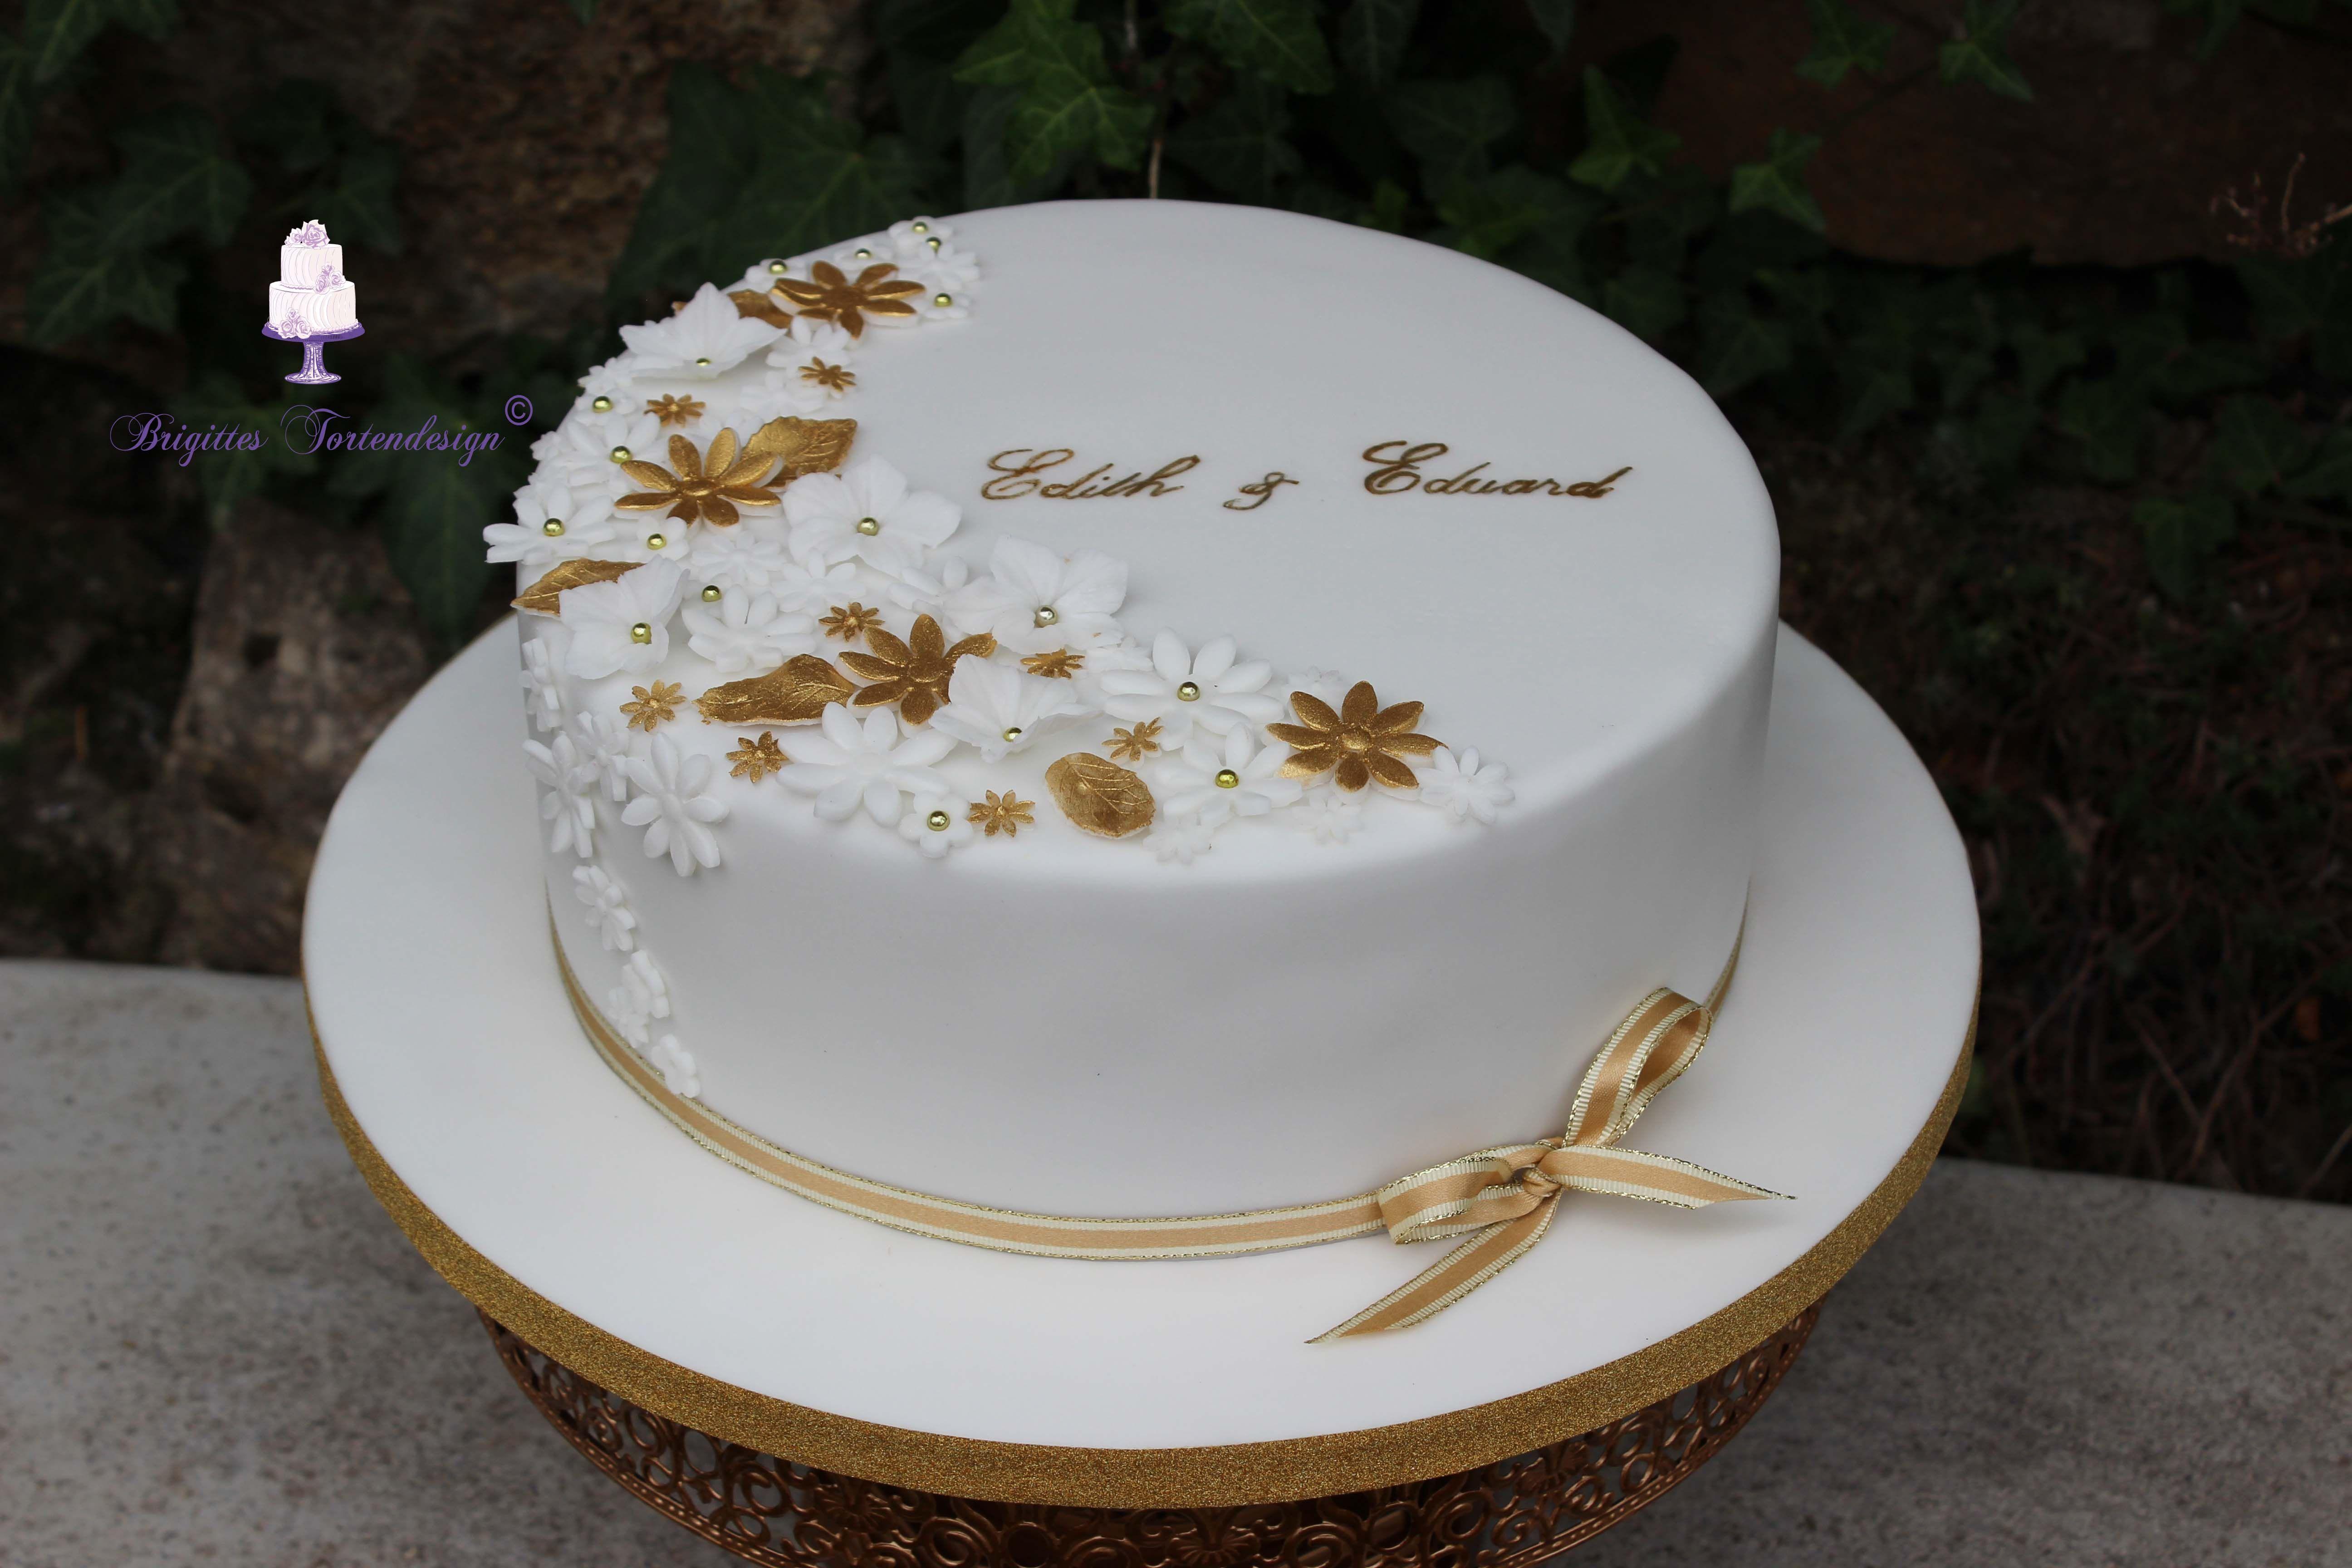 Pin Von Brigitte Jorasz Auf Meine Motivtorten Cakes Torte Hochzeit Torte Zur Goldenen Hochzeit Hochzeit Rezepte